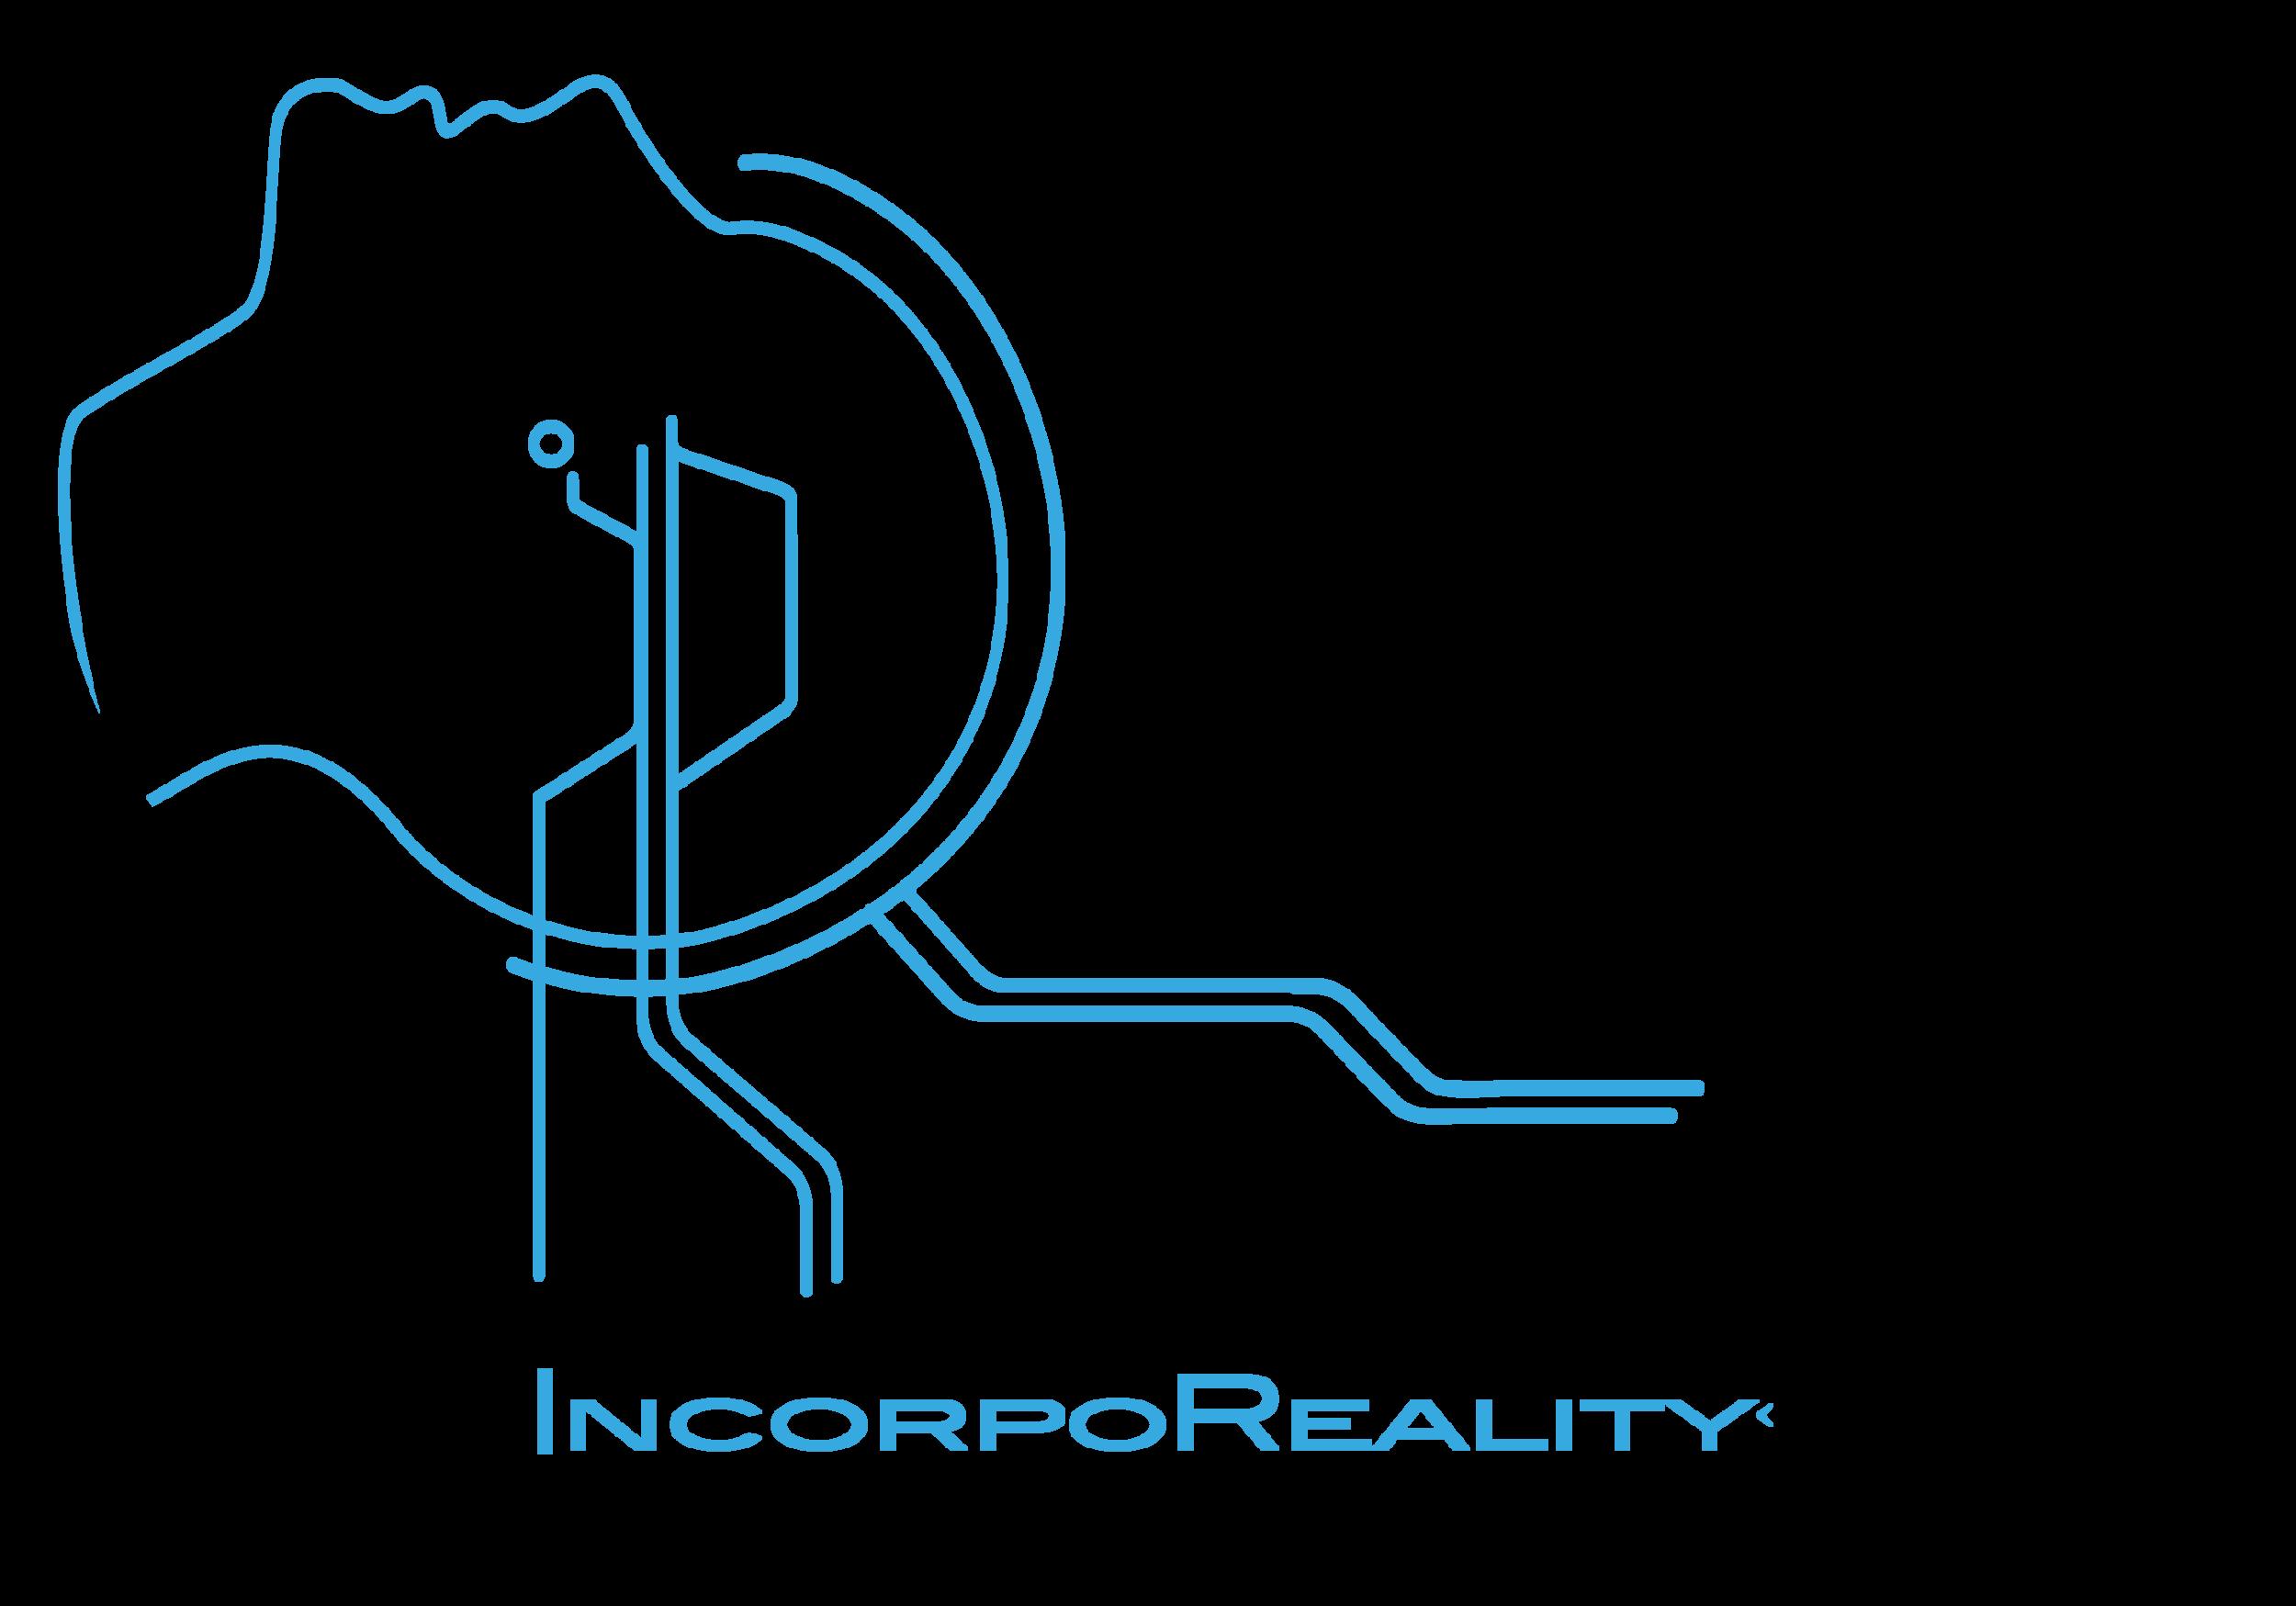 Logo by Ellody Wu